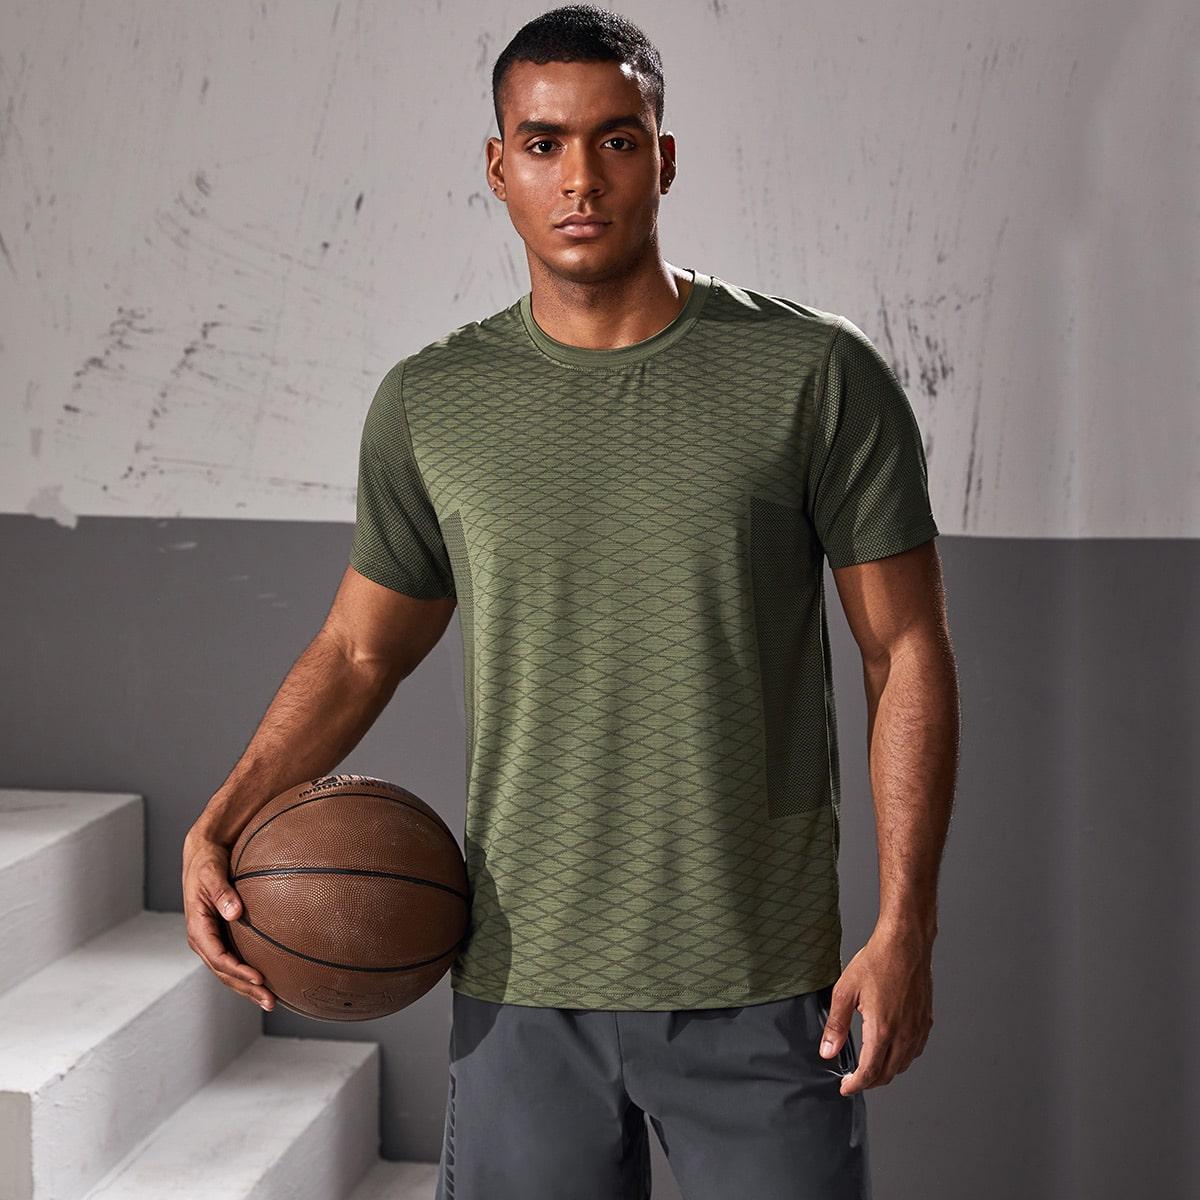 Мужская быстросохнущая спортивная футболка с геометрическим узором